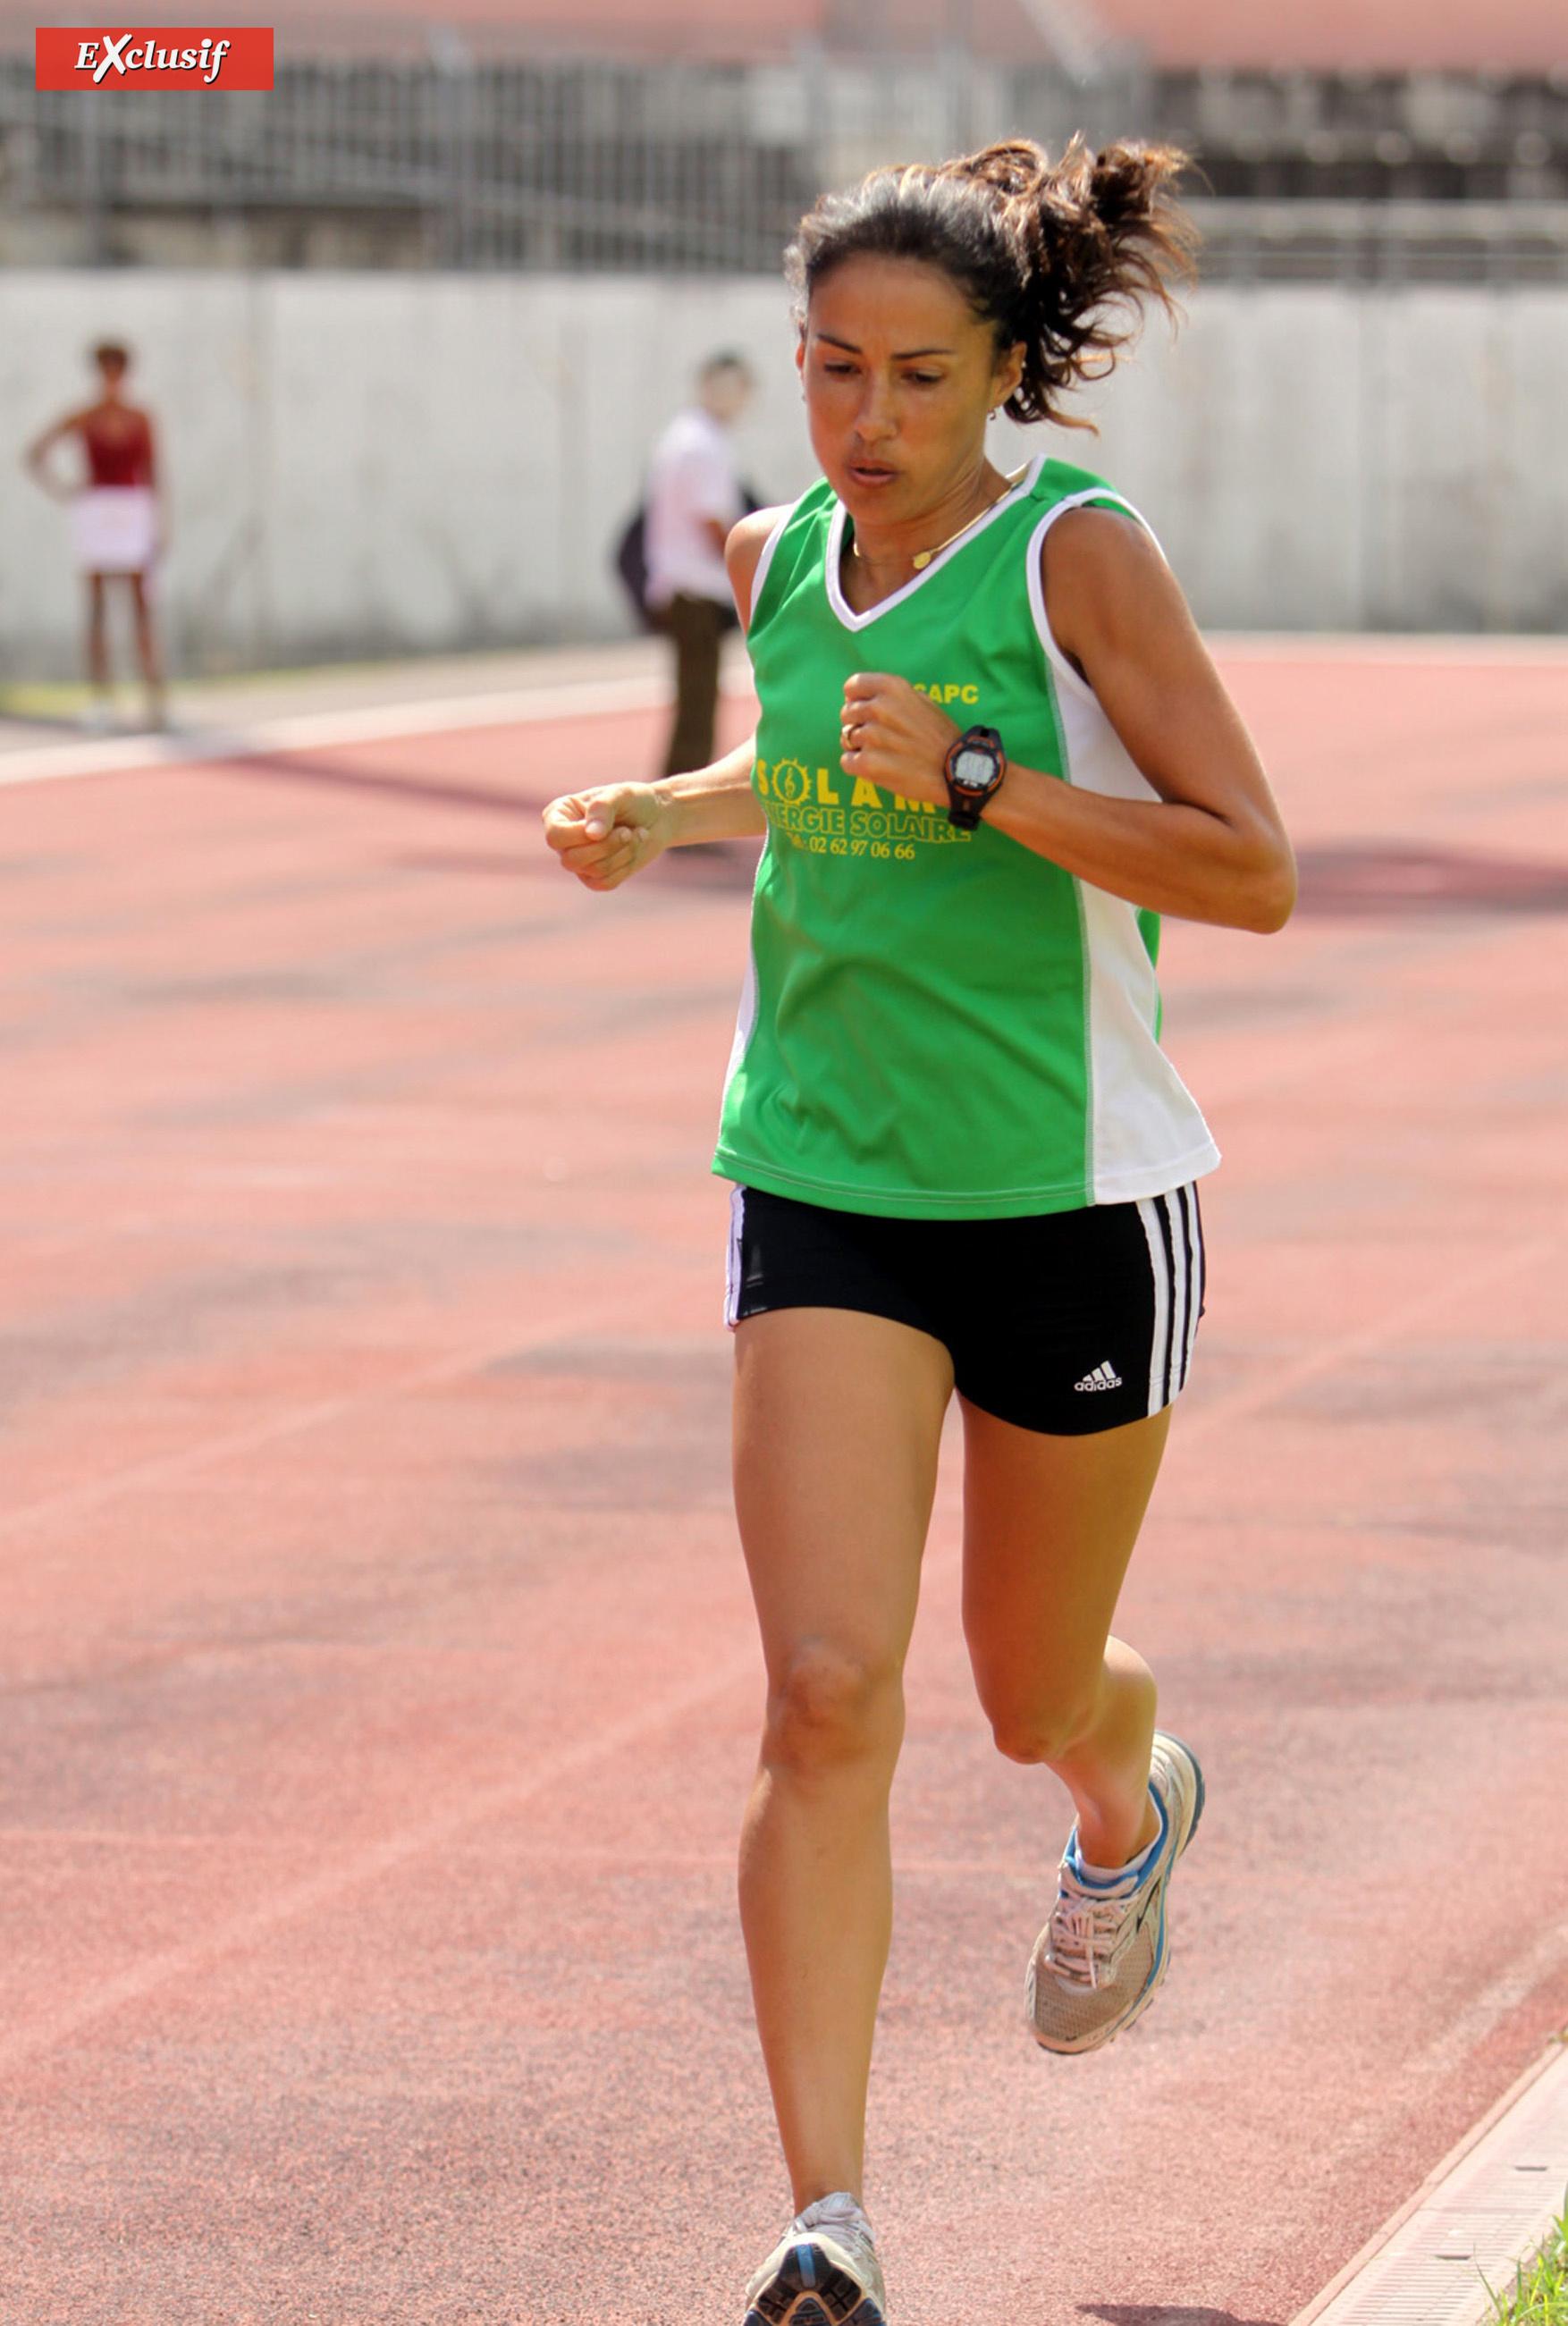 Isabelle Laude a porté haut les couleurs du CAPC lorsqu'elle était encore à La Réunion